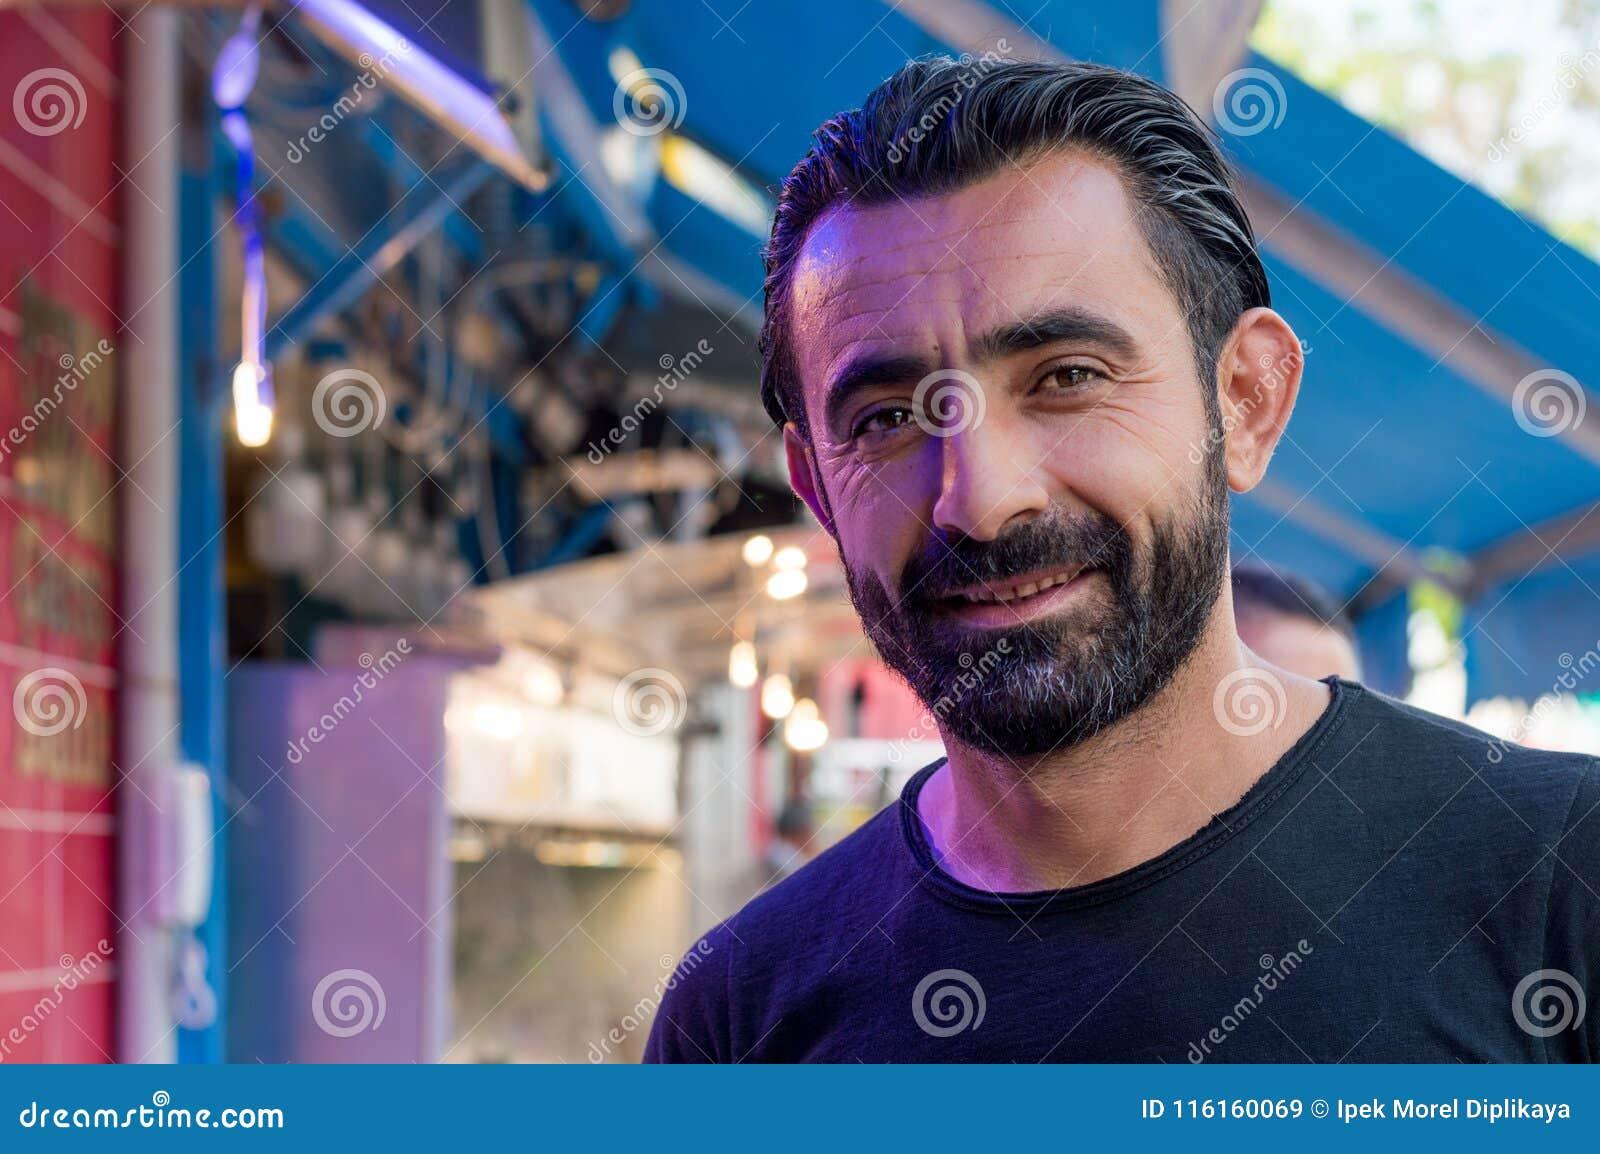 Eskisehir, Turchia - 16 maggio 2017: Ritratto del pescatore turco felice che sta davanti al mercato ittico a Eskisehir, Turchia